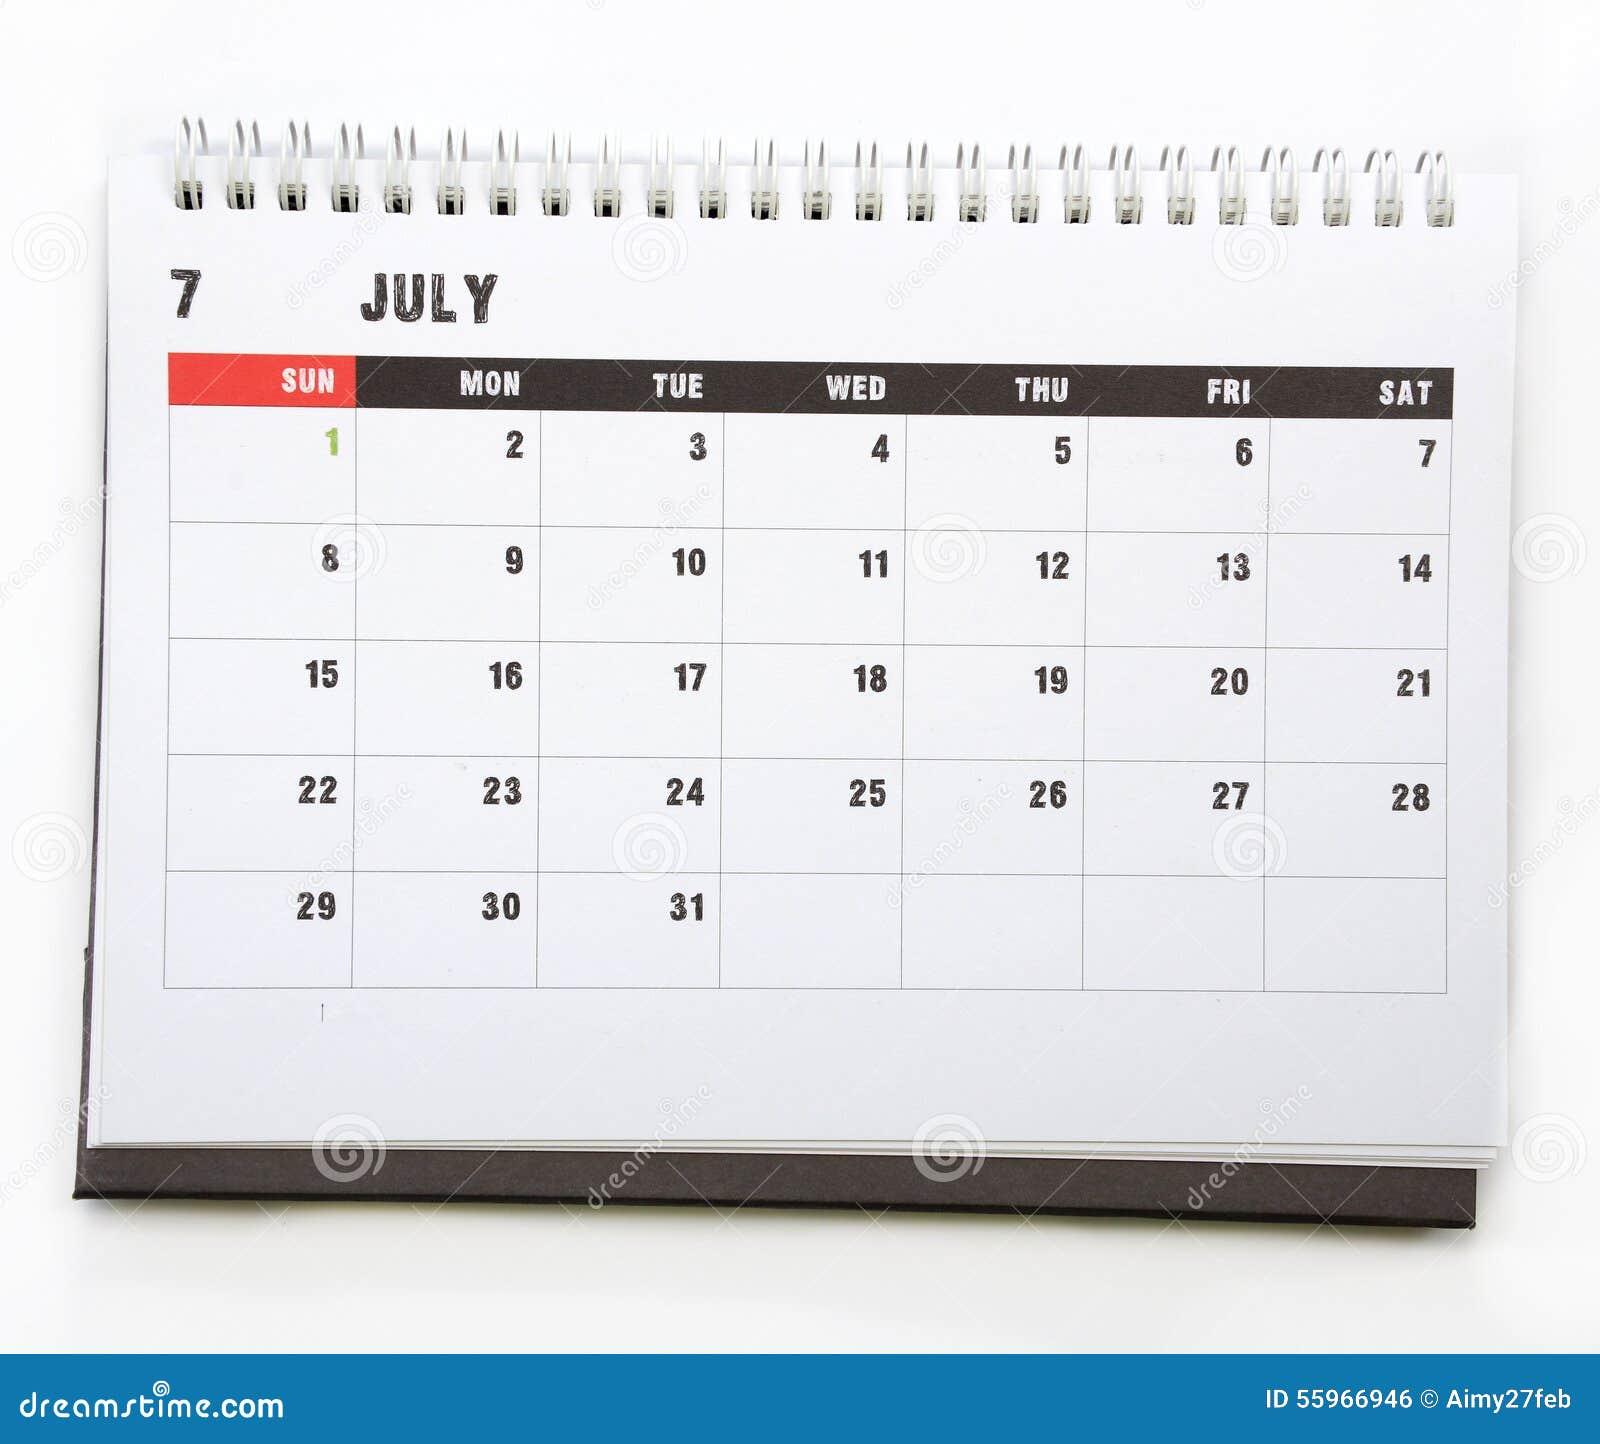 7月-日历